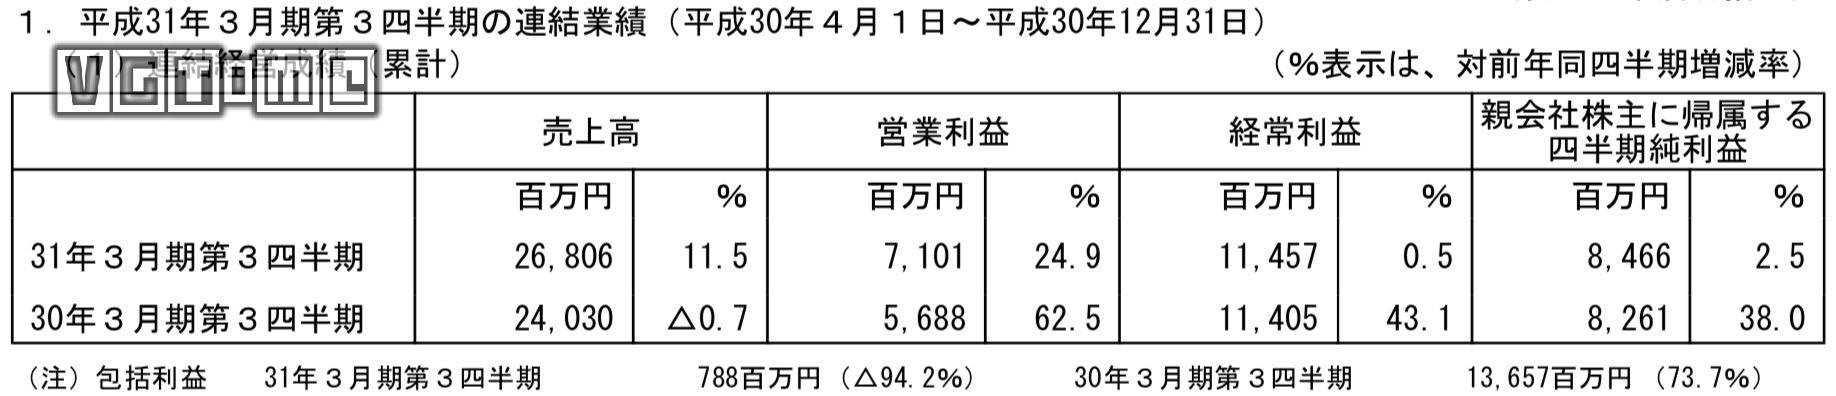 光荣特库摩2019财年Q3财报公布 betway官网手机版业务收益良好